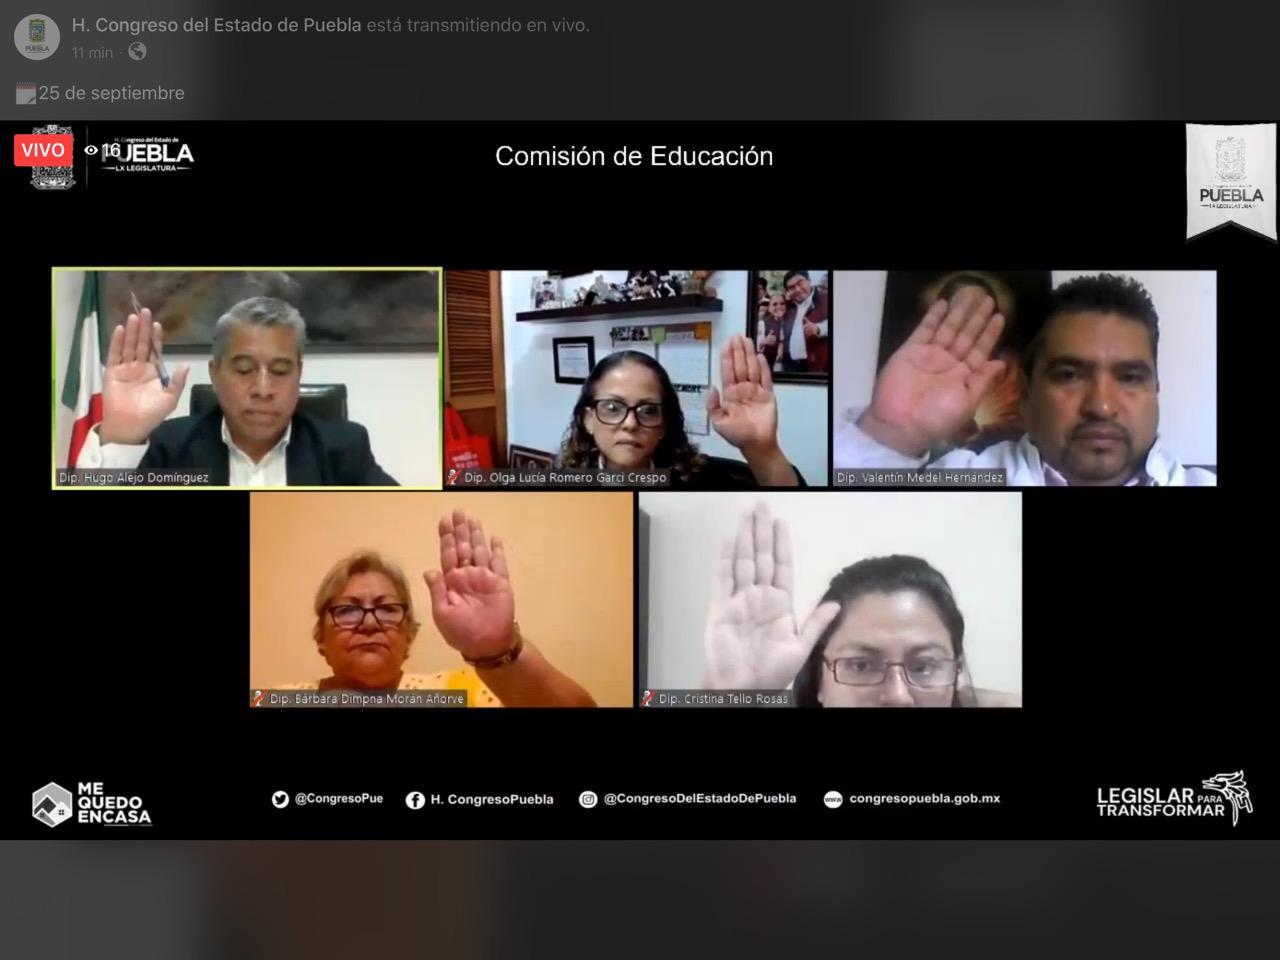 Exhorta Congreso a la SEP a que sean los padres o tutores únicamente quienes recojan a alumnos afuera de escuelas